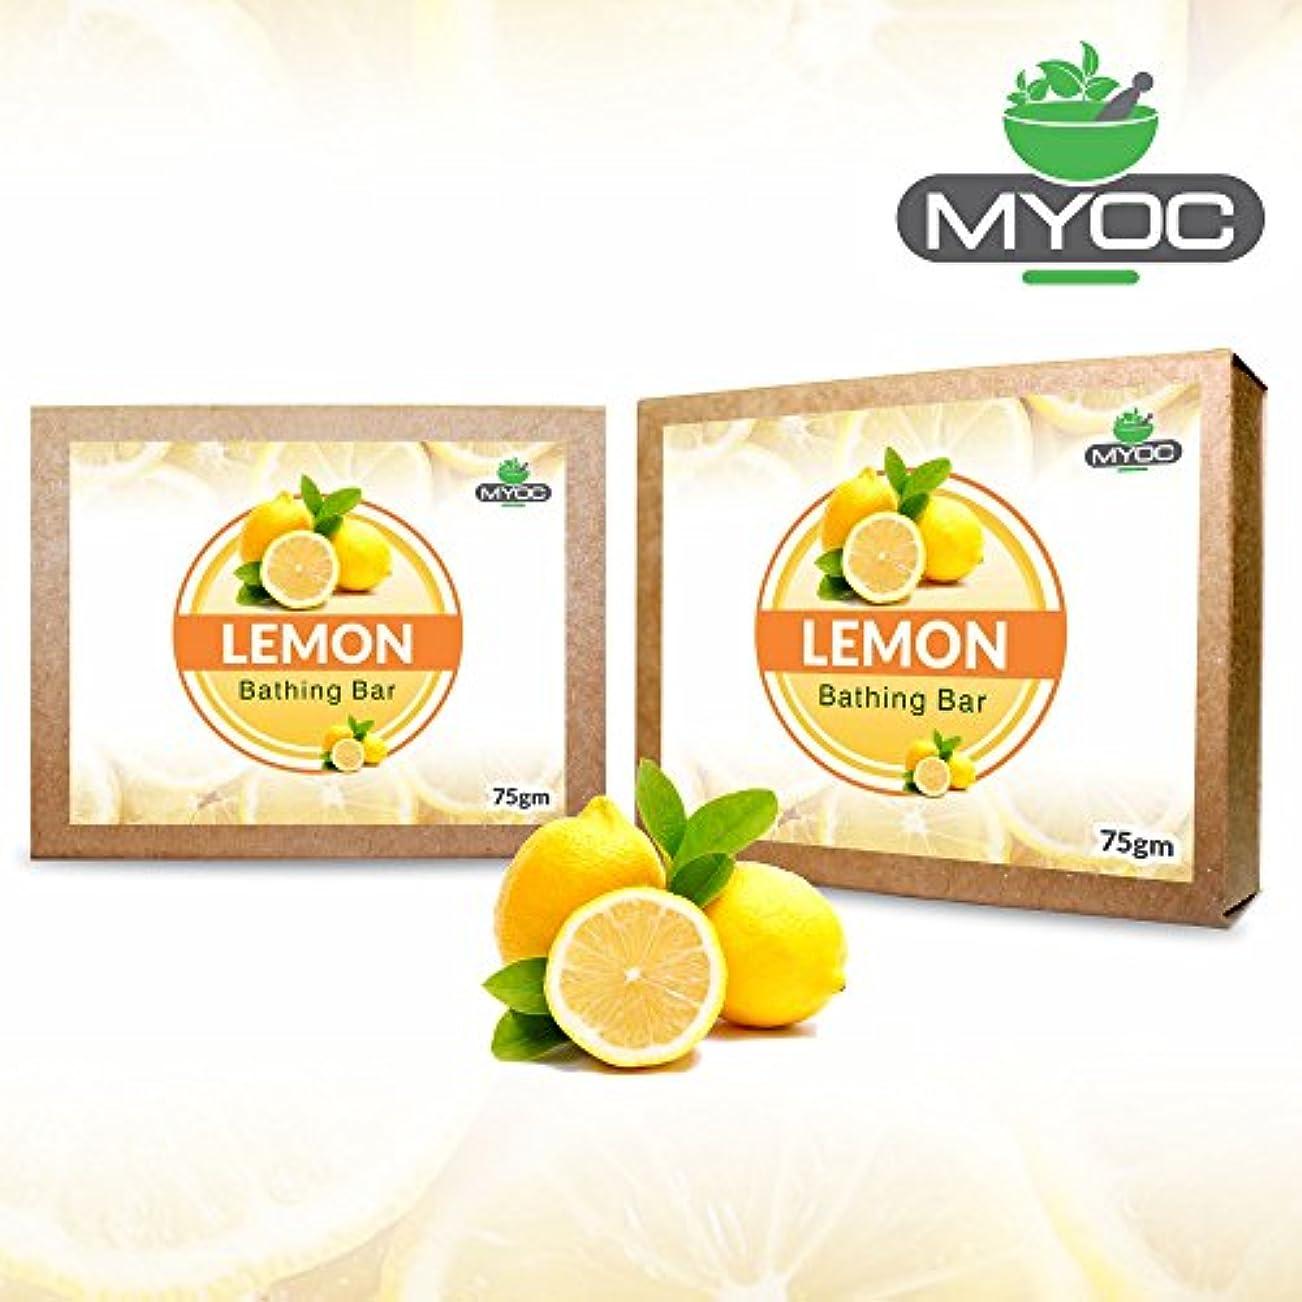 チェリーダム商標Lemon Oil And Vitamin E Astringent Soap, deodorant, antiseptic soap for clogged pores and acne prone skin 75g...